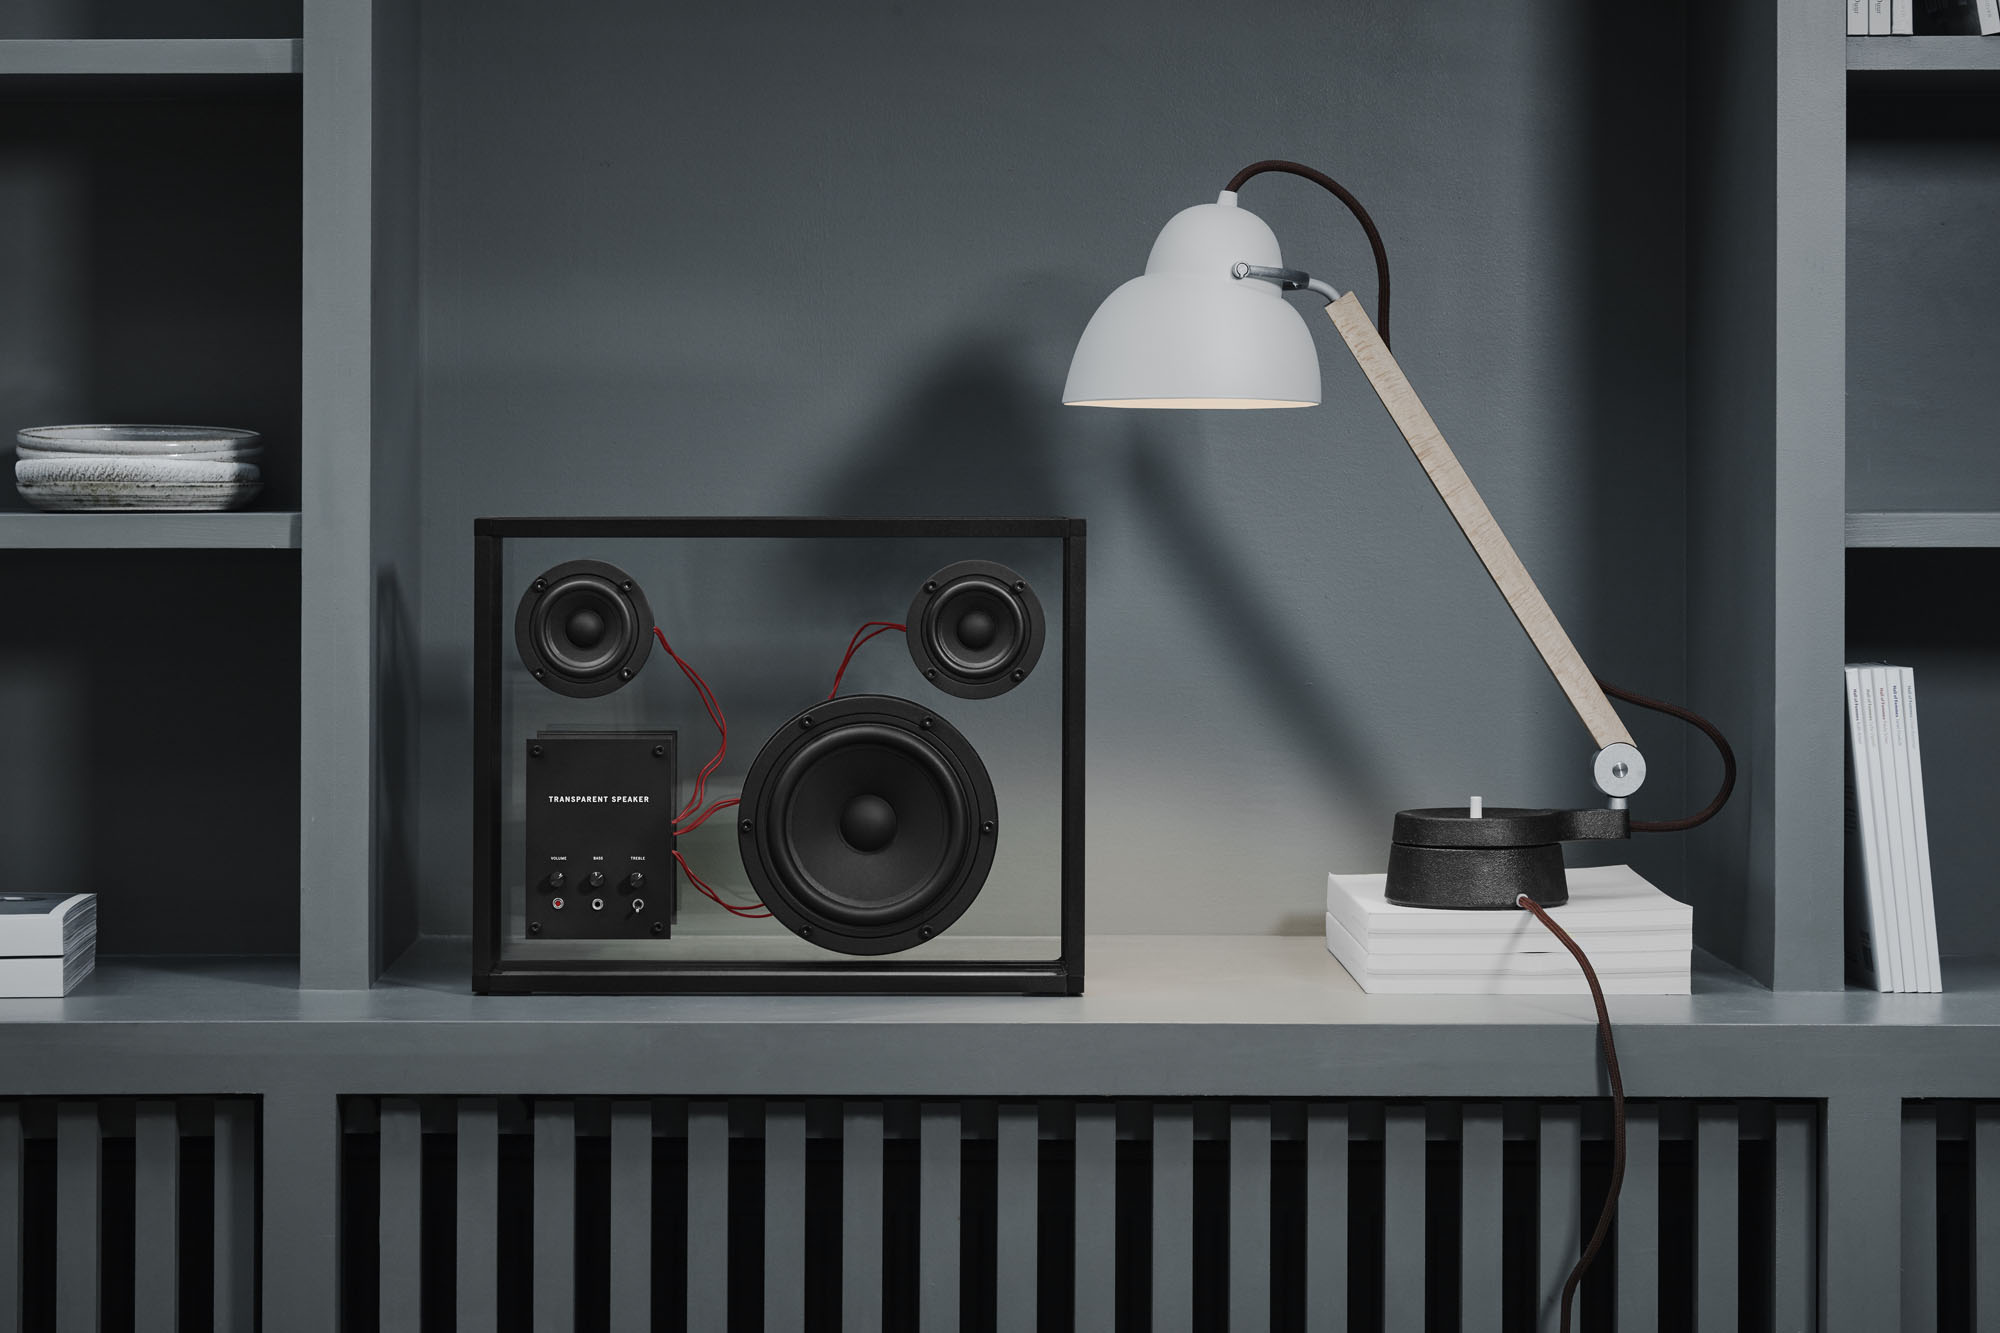 Alla högtalare från Transparent Sound kommer med Bluetooth-funktion be013f3a8731b